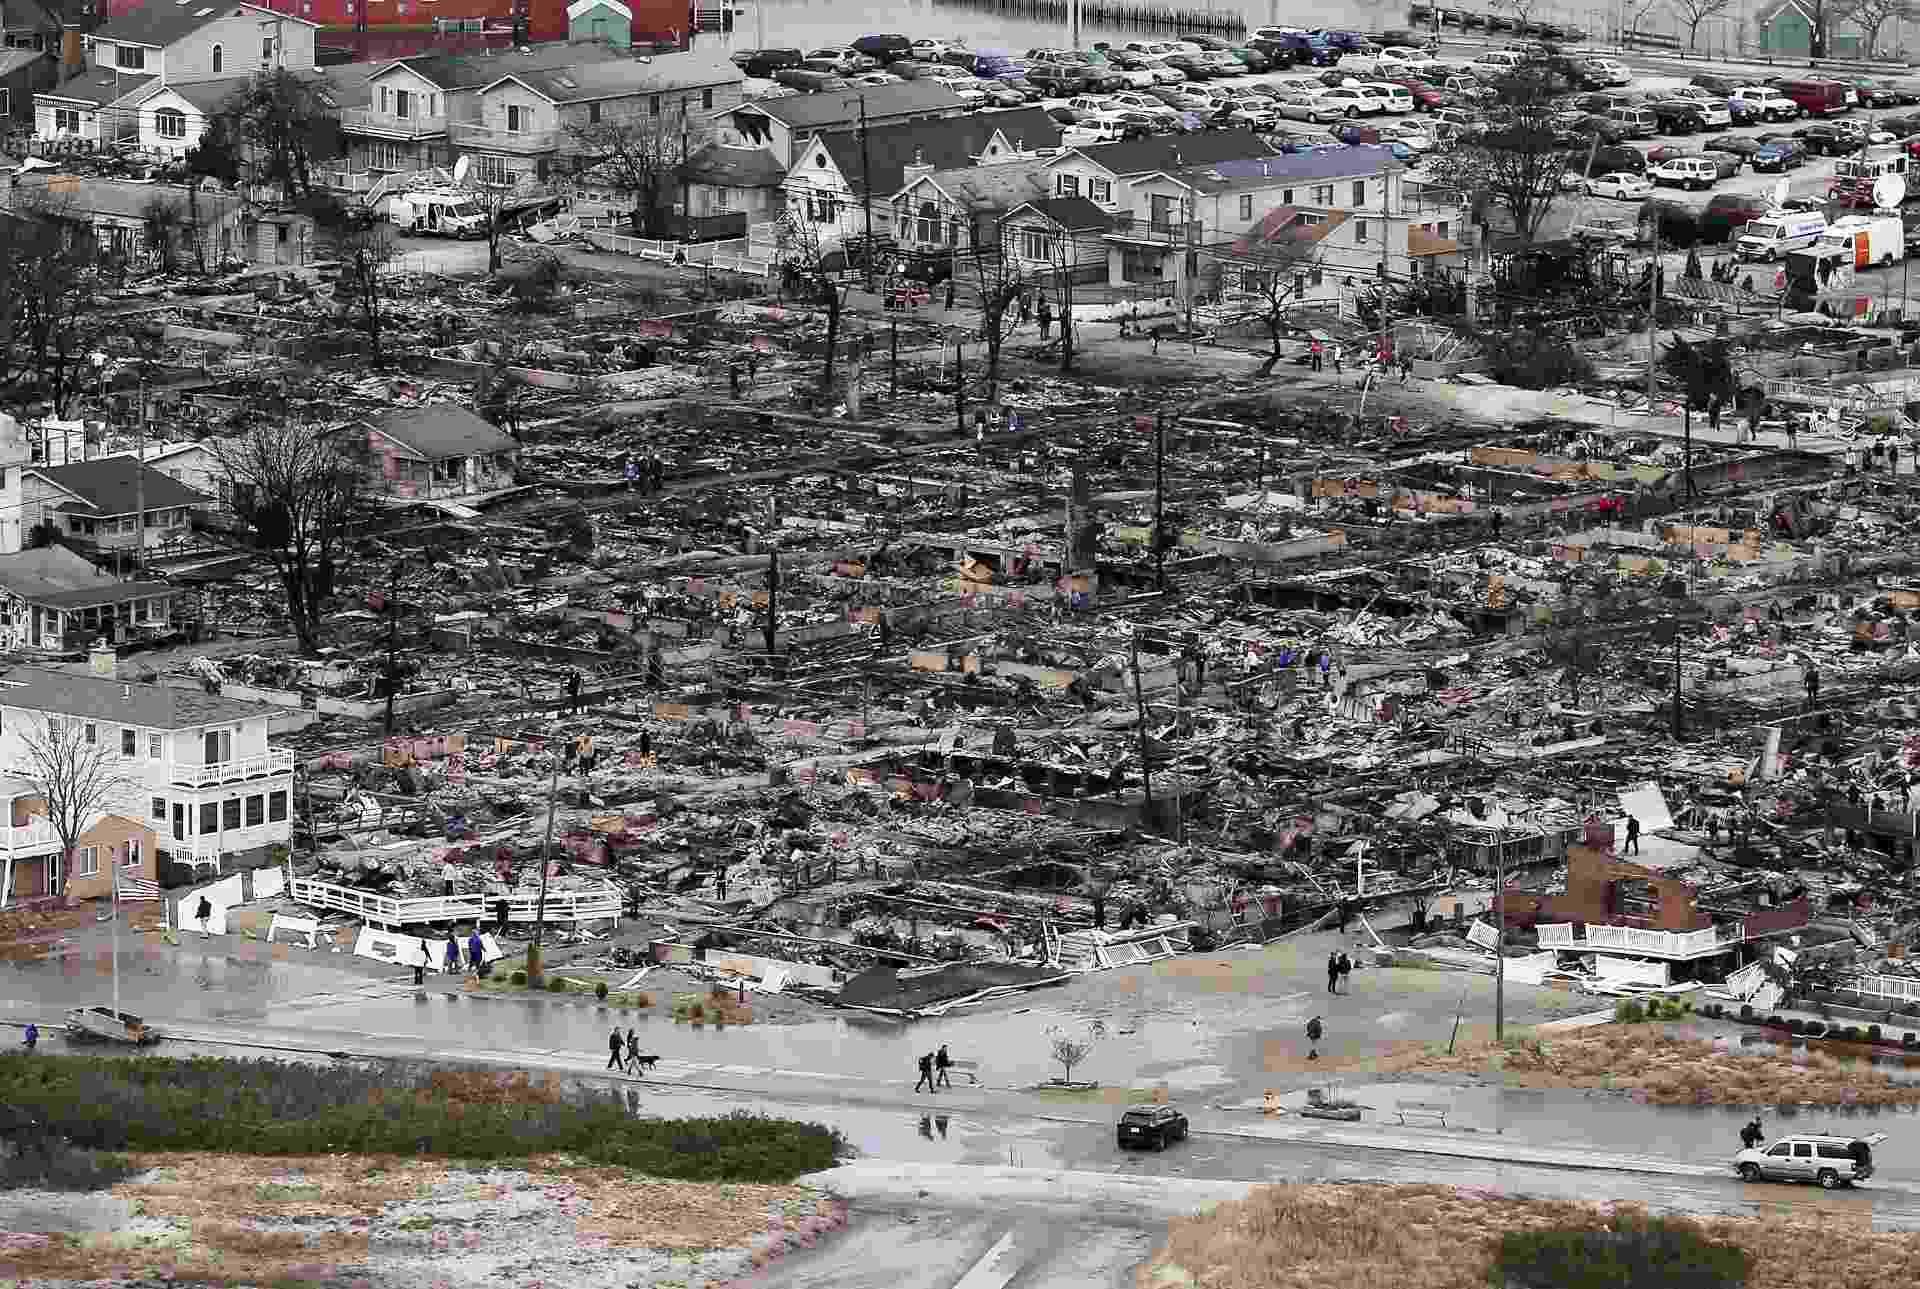 27.mar.2013 - Vista aérea mostra devastação causada pela supertempestade Sandy em área residencial do Queens, bairro de Nova York, na costa leste dos Estados Unidos, em outubro de 2012. As catástrofes naturais e as provocadas pelo homem custaram US$ 186 bilhões ao mundo em 2012 (cerca de R$ 376,5 bilhões), o terceiro maior prejuízo da história, segundo estudo da Swiss Re. A passagem do furacão Sandy foi a que mais causou prejuízo no ano passado, somando as perdas no país, de US$ 70 bilhões (cerca de R$ 141 bilhões), e os custo pagos pelas seguradoras, de US$ 35 bilhões (aproximadamente R$ 70,5 bilhões) - os Estados Unidos registraram nove dos dez incidentes mais caros do ano, somando US$ 65 bilhões (R$ 131 bilhões) em perdas seguradas - Mario Tama/Getty Images/AFP